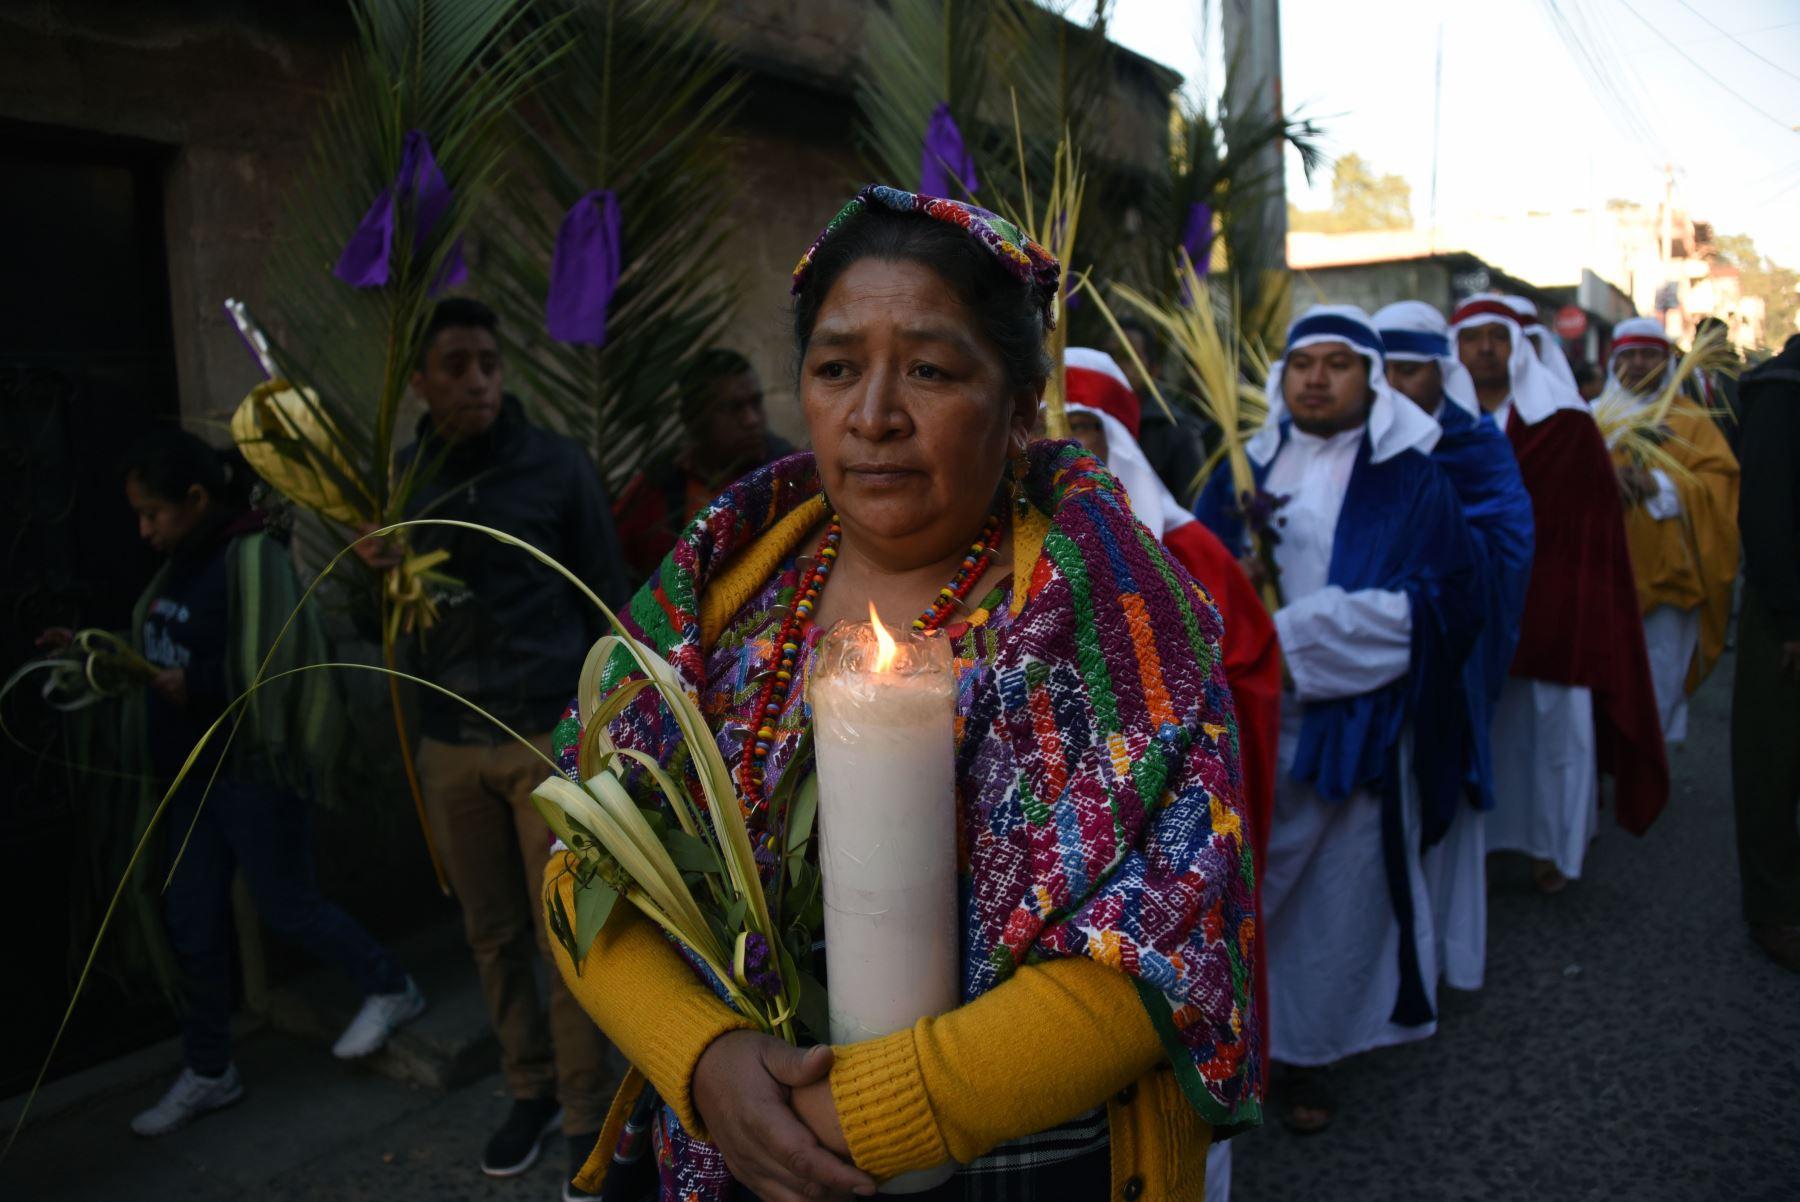 Una fiel católica participa en la procesión del Domingo de Ramos  en San Pedro Sacatepequez, a 30 km al oeste de la ciudad de Guatemala.Foto:AFP